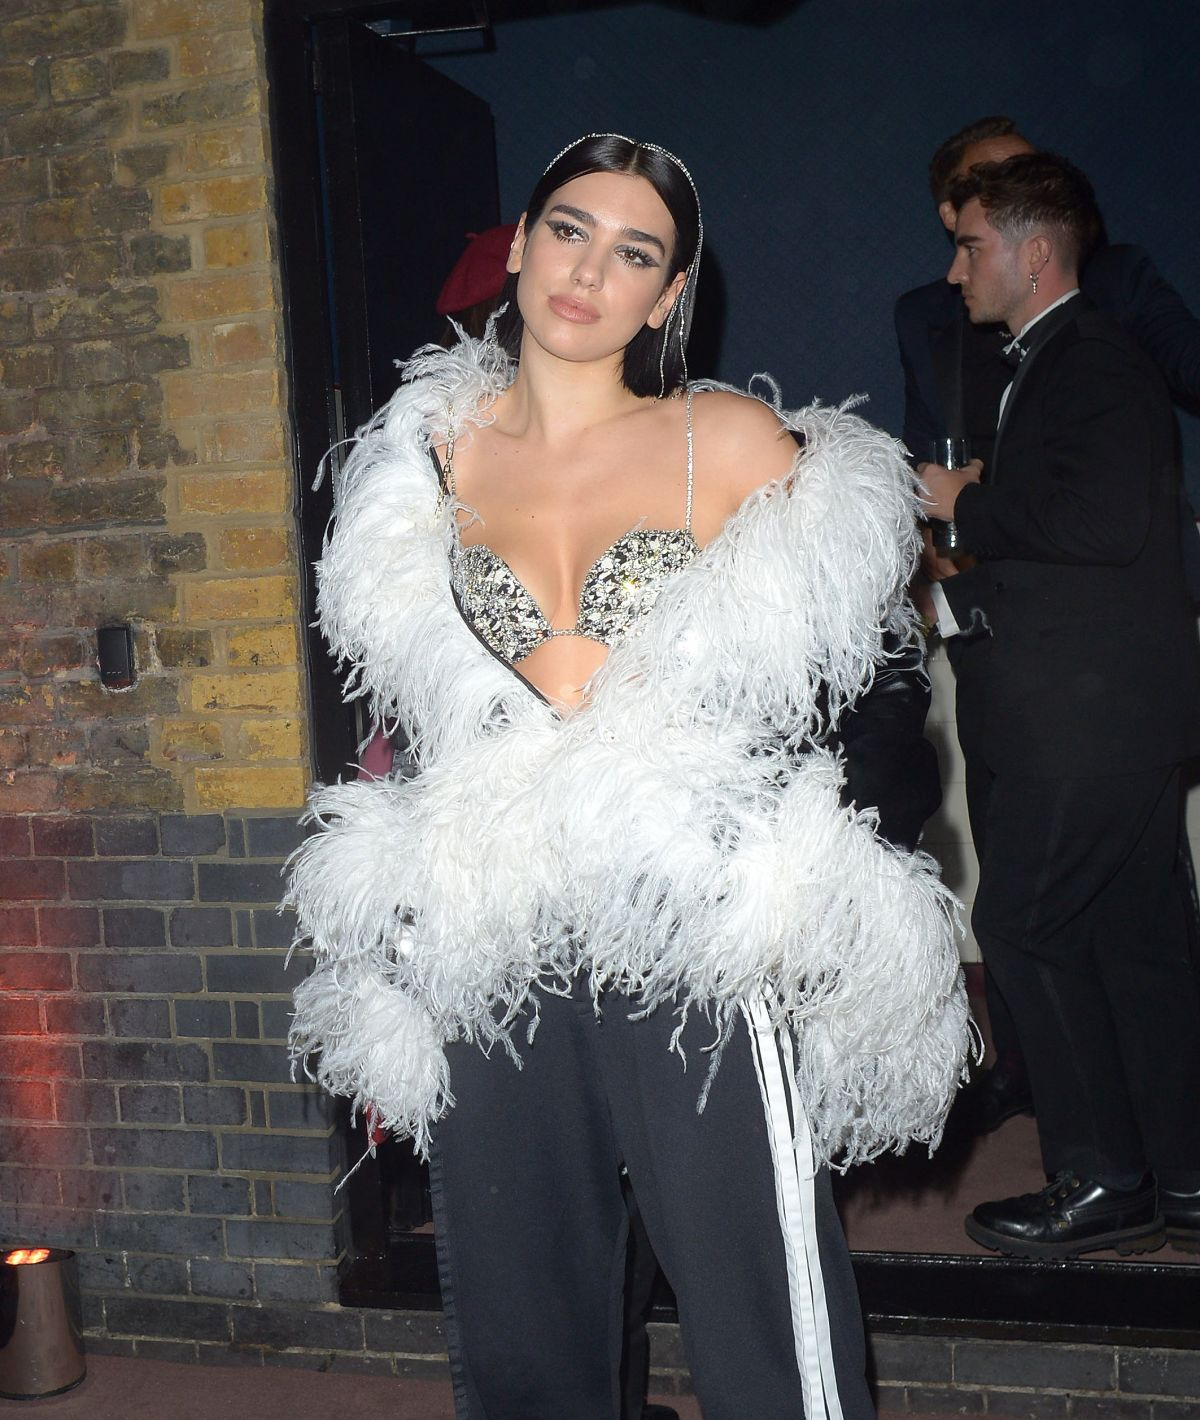 DUA LIPA at Warner Music Brit Awards Party in London 02/20/2019